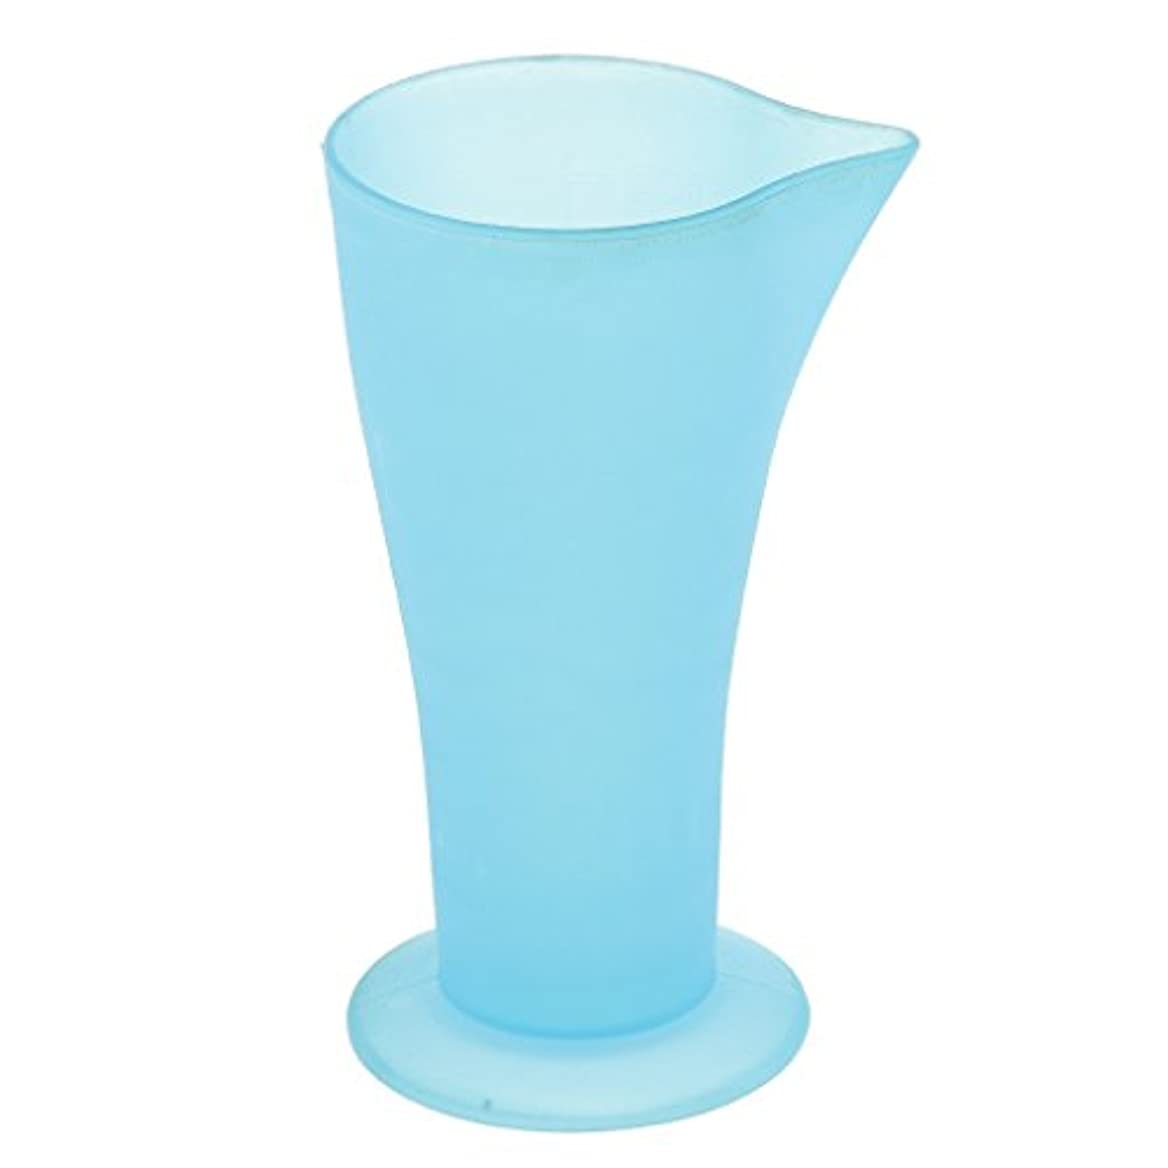 まつげ社説特徴実験室のための1x 120mLの明確な青いプラスチックによって卒業する液体の測定のビーカーのコップ